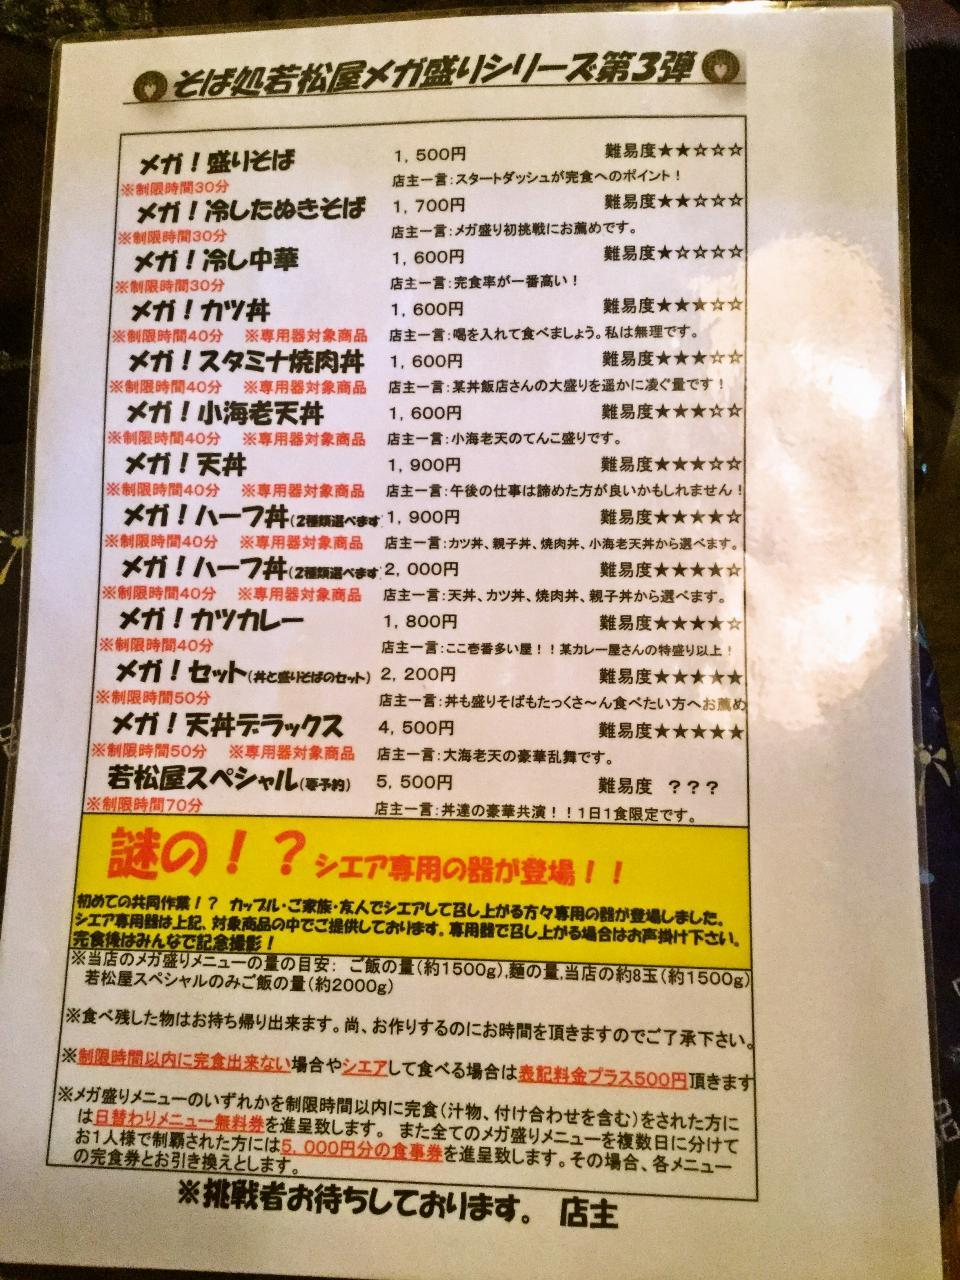 そば処 若松屋(メニュー)